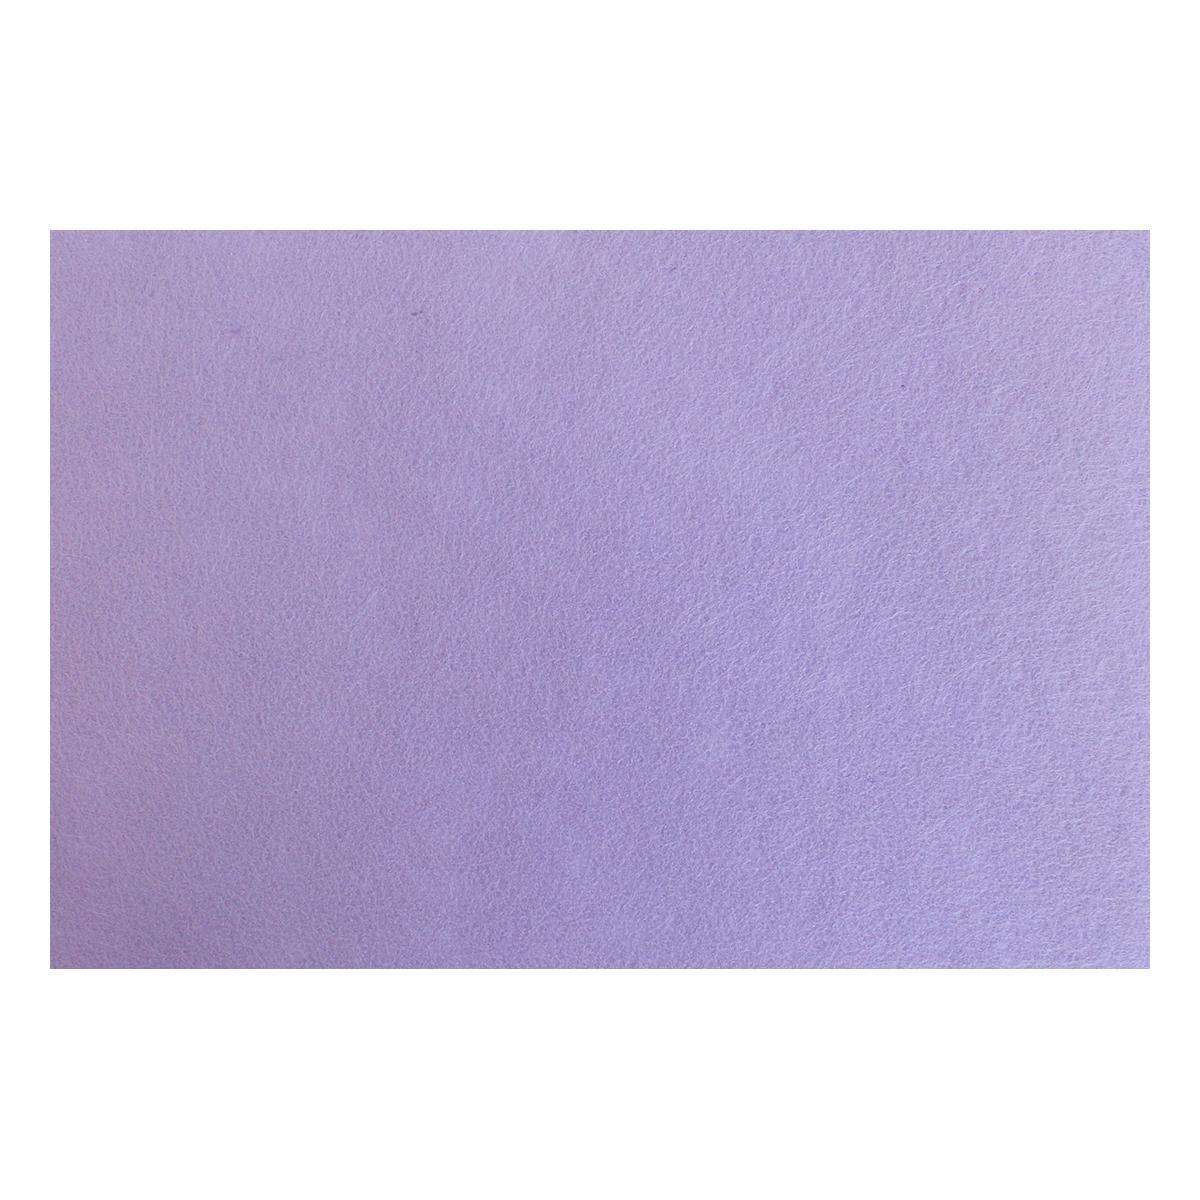 Фетр листовой Астра, цвет: сиреневый, 20 х 30 см, 10 шт7708618_YF 622 сиреневыйФетр декоративный Астра очень приятен в работе: не сыпется, хорошо клеится, режется и сгибается в любых направлениях. Фетр отлично сочетается с предметами в технике фильцевания.Из фетра получаются чудеснейшие украшения (броши, подвески и так далее), обложки для книг, блокнотов и документов, картины, интересные детали дляинтерьера и прочее.